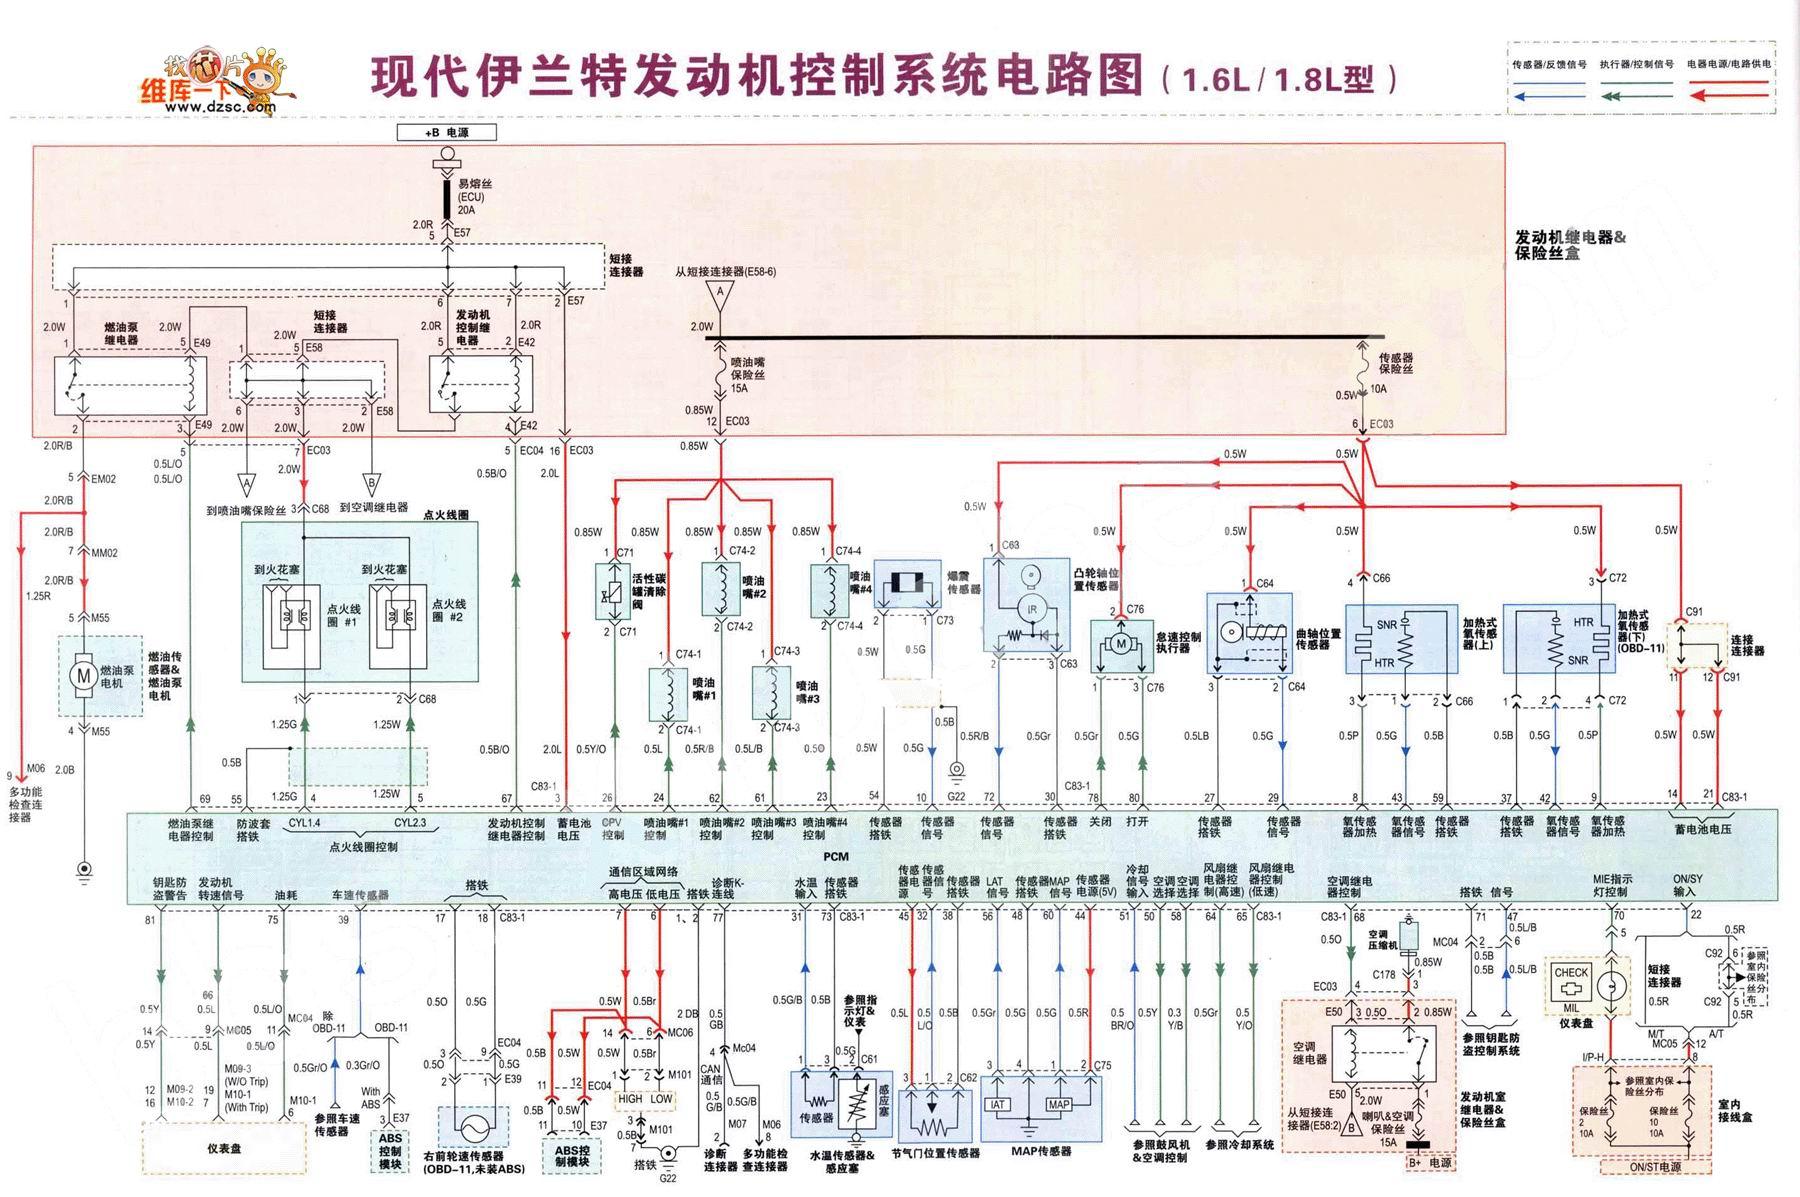 现代伊兰特发动机控制系统电路图(1.6l,1.8l型)